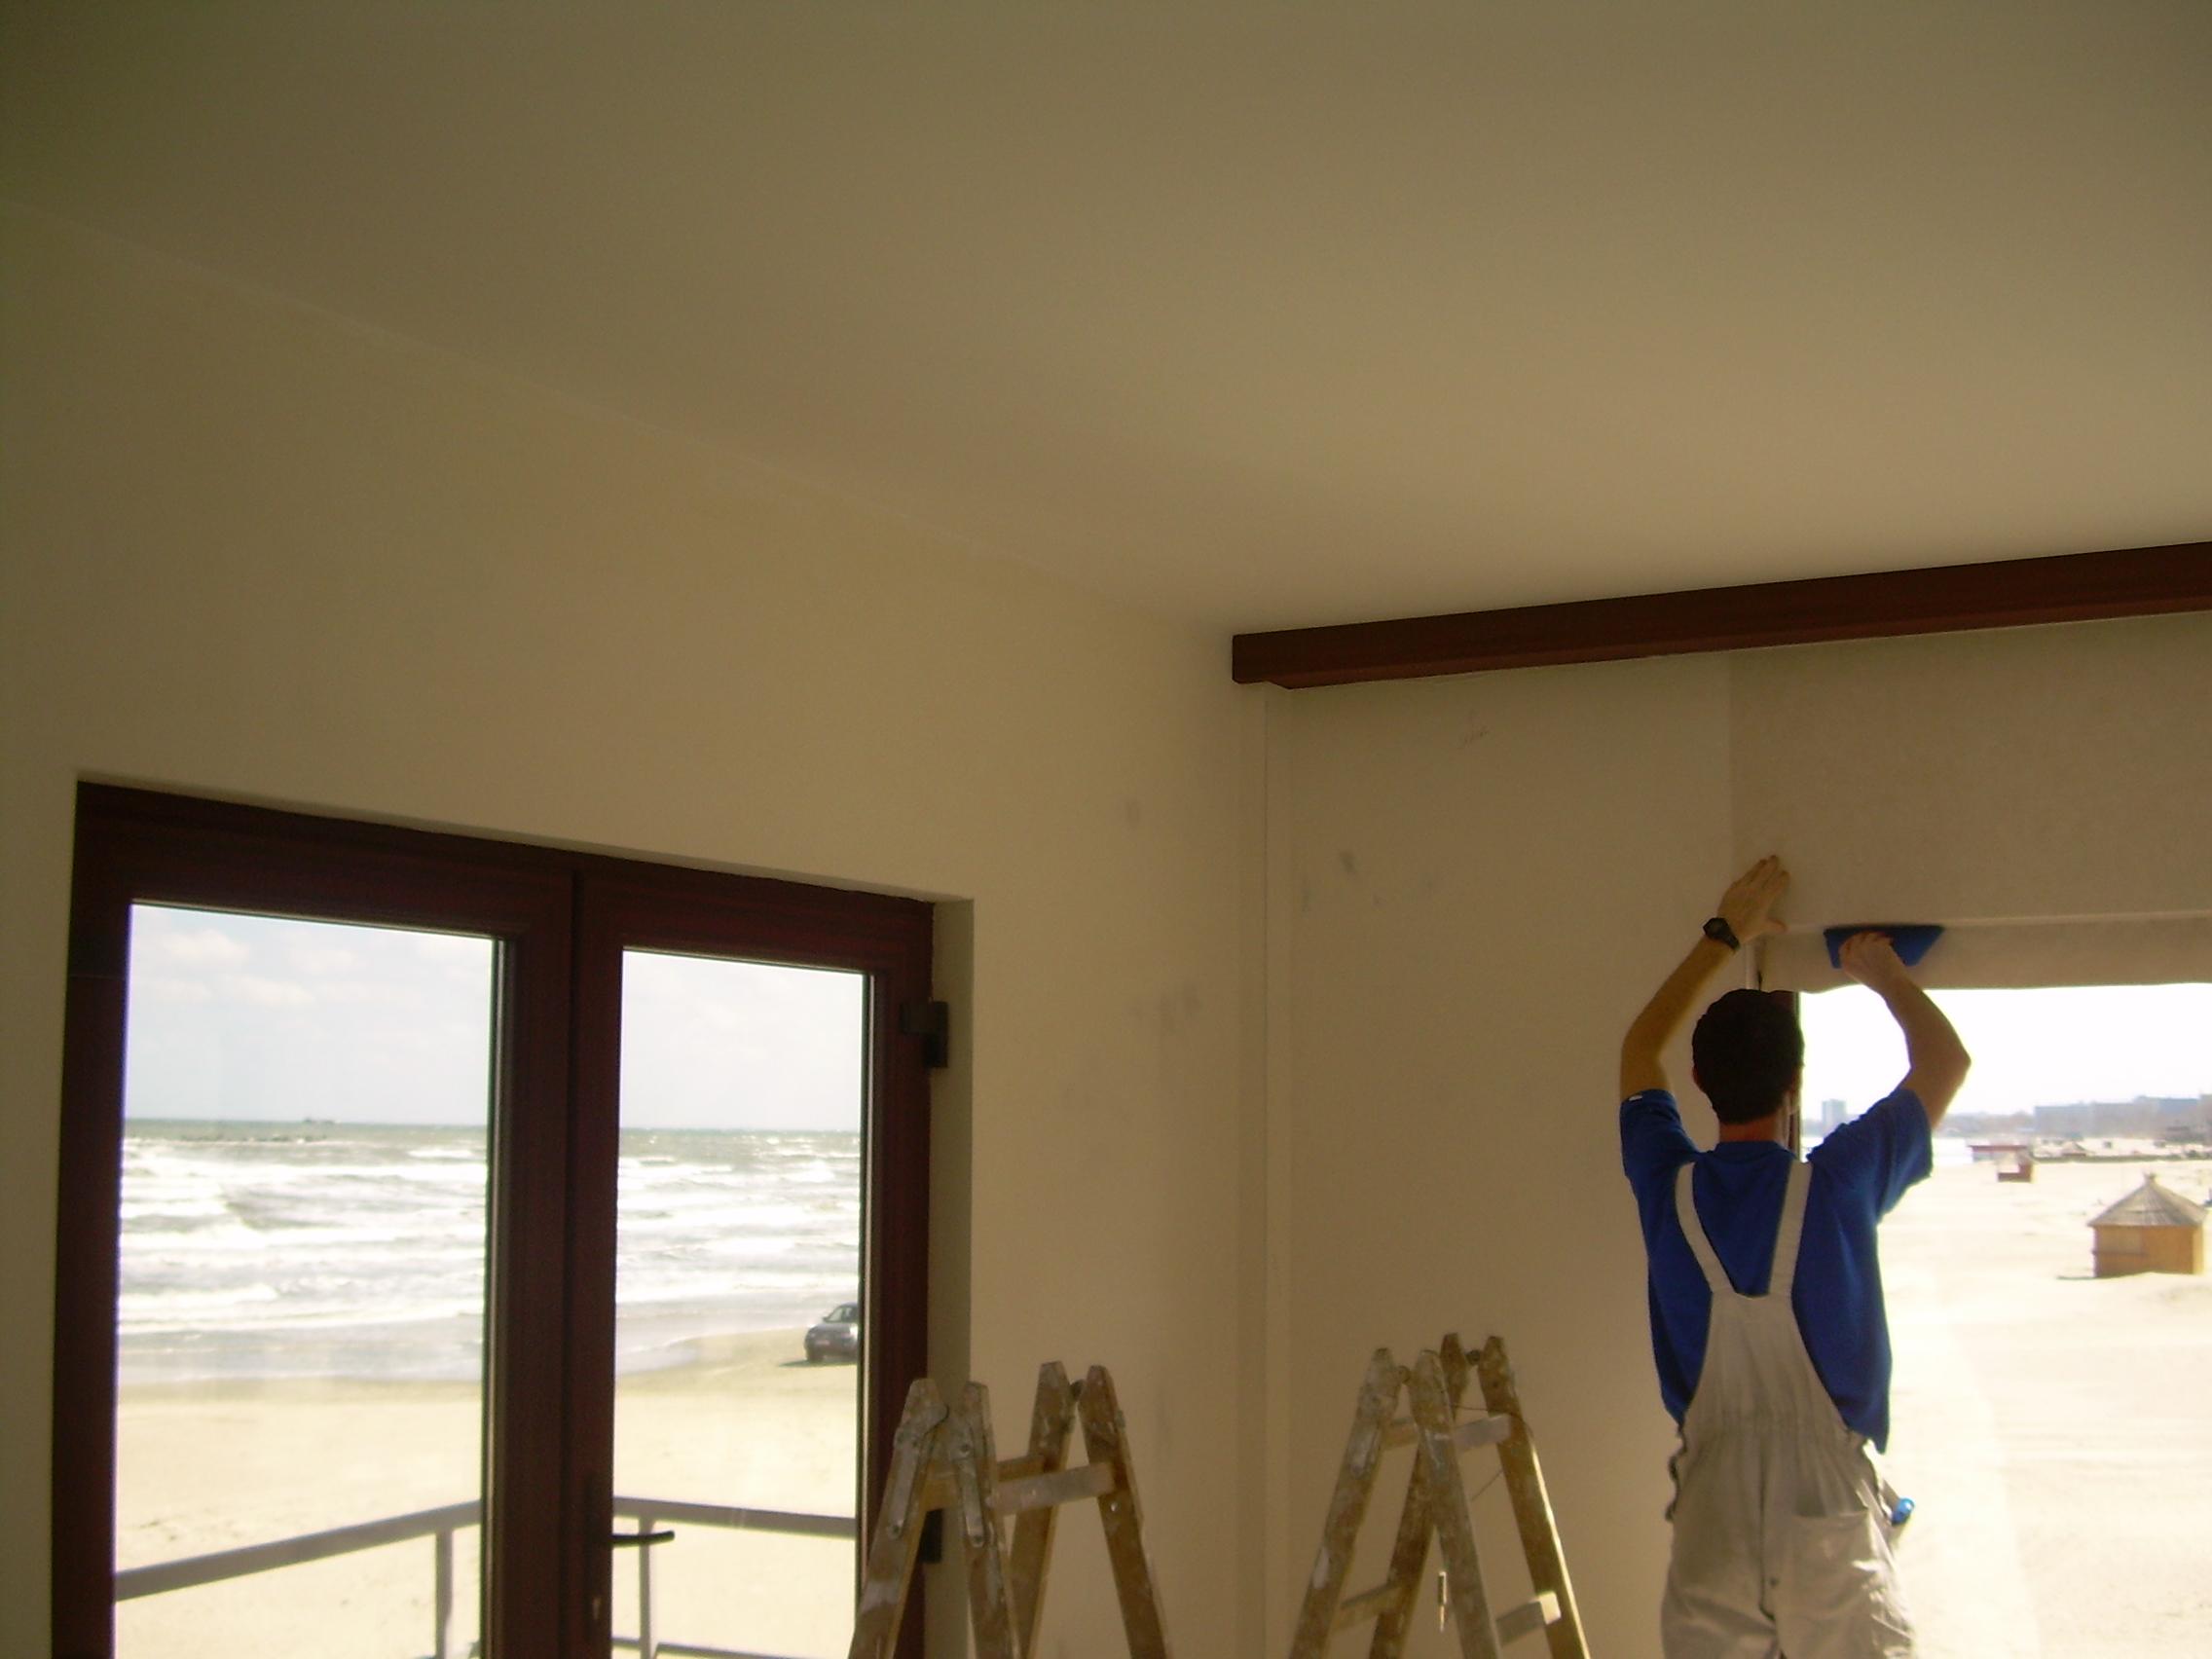 Lucrari de amenajare interioare cu tapet  - Poza 102